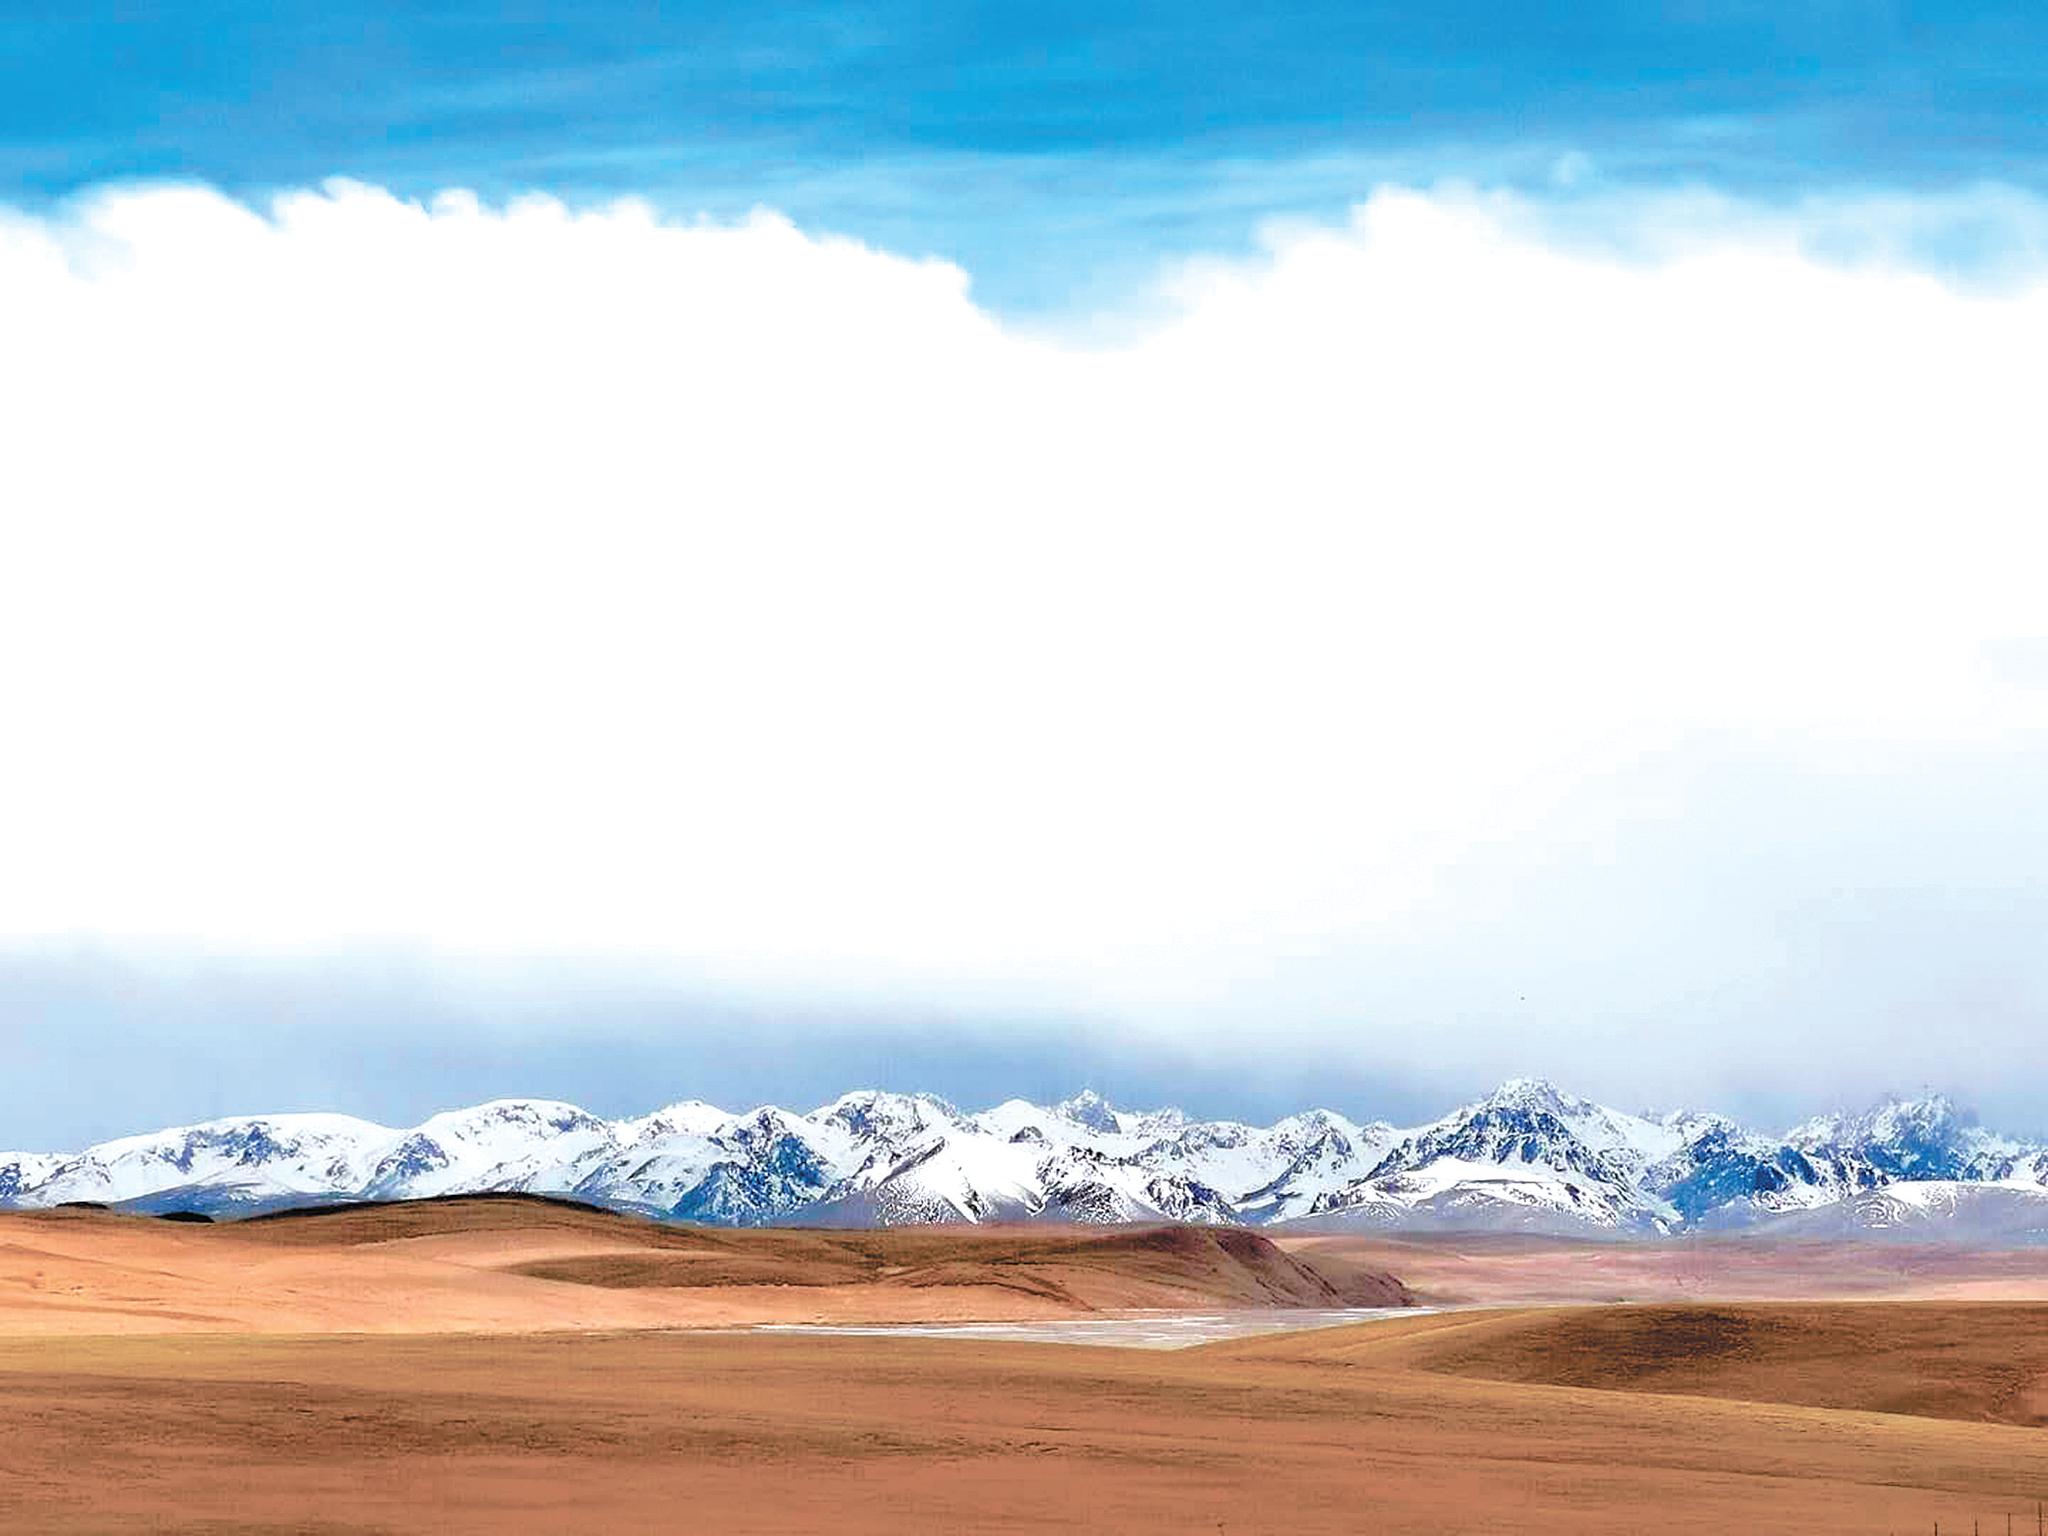 三江源,我们的国家公园循着牧民走过的足迹——措池草原上的讲堂(下篇)